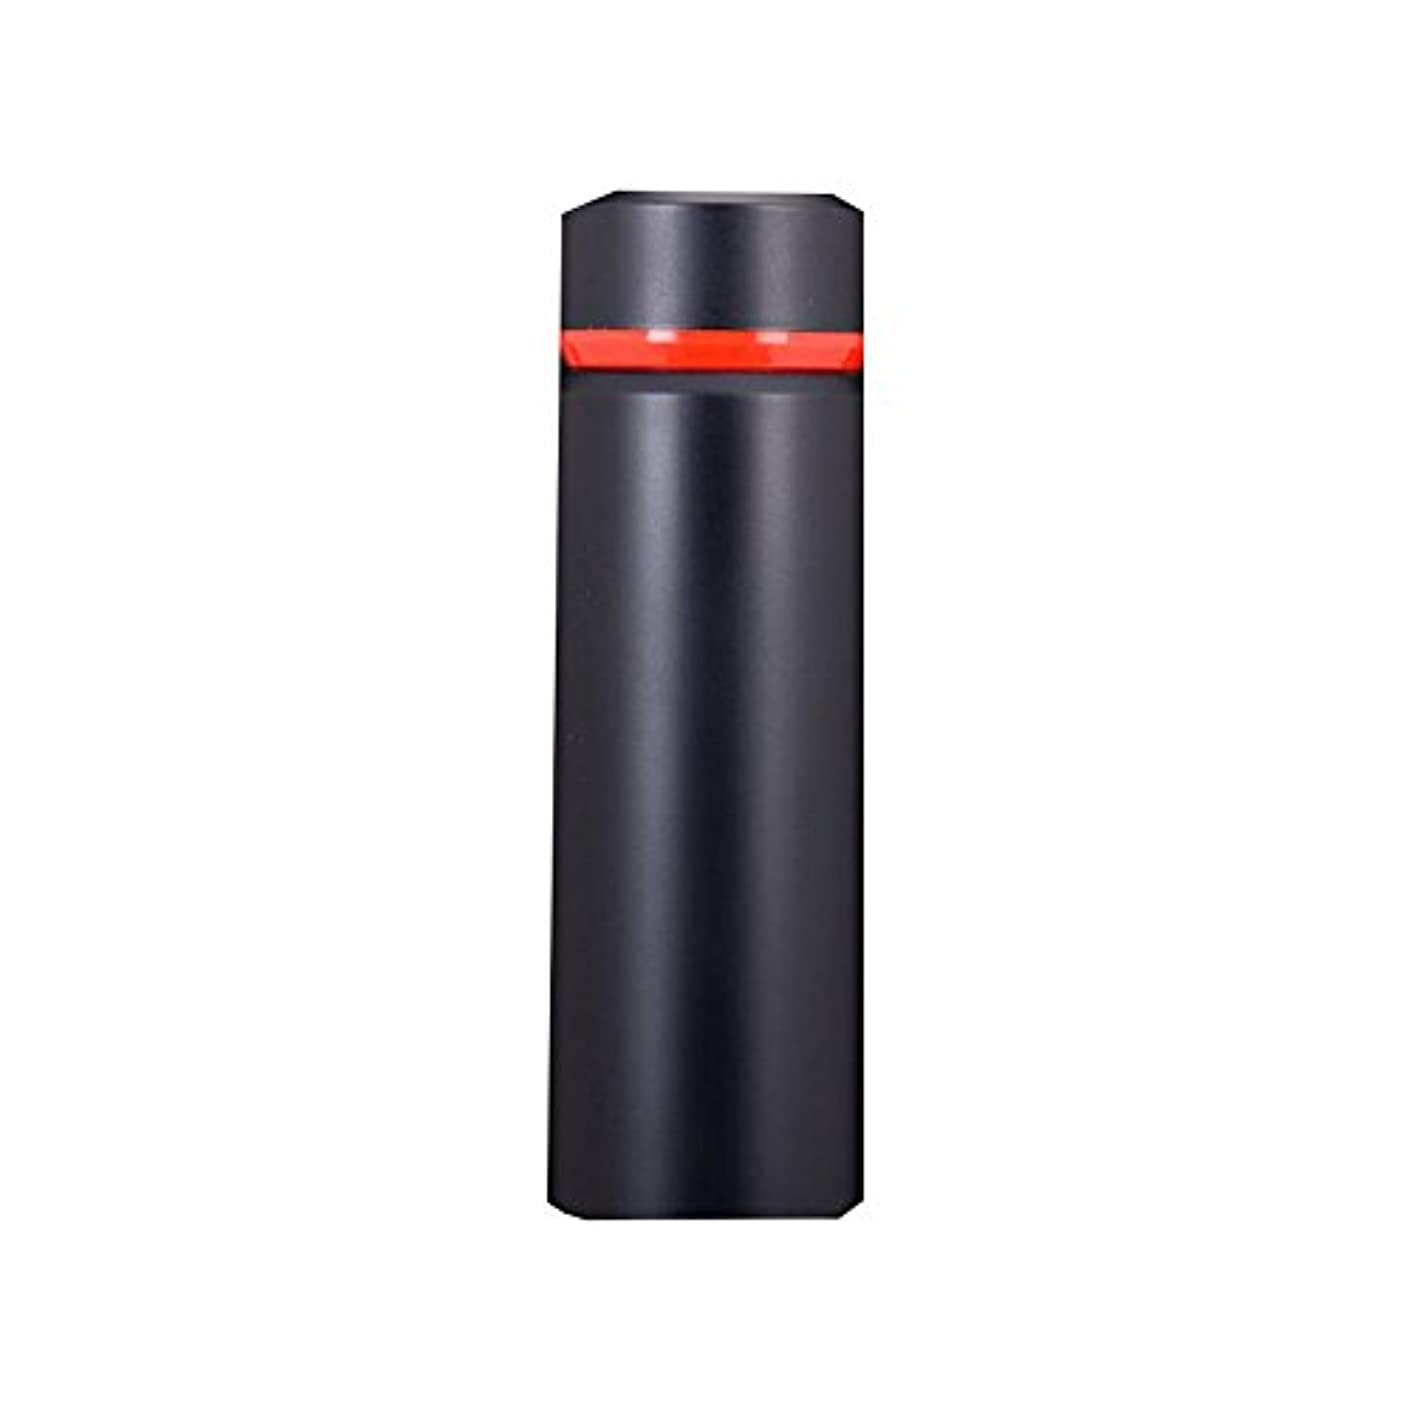 紀元前トロリー信頼Okiiting ステンレス鋼クリエイティブマグ二重断熱真空断熱アンチリークデザイン400ミリリットル大容量カップ うまく設計された